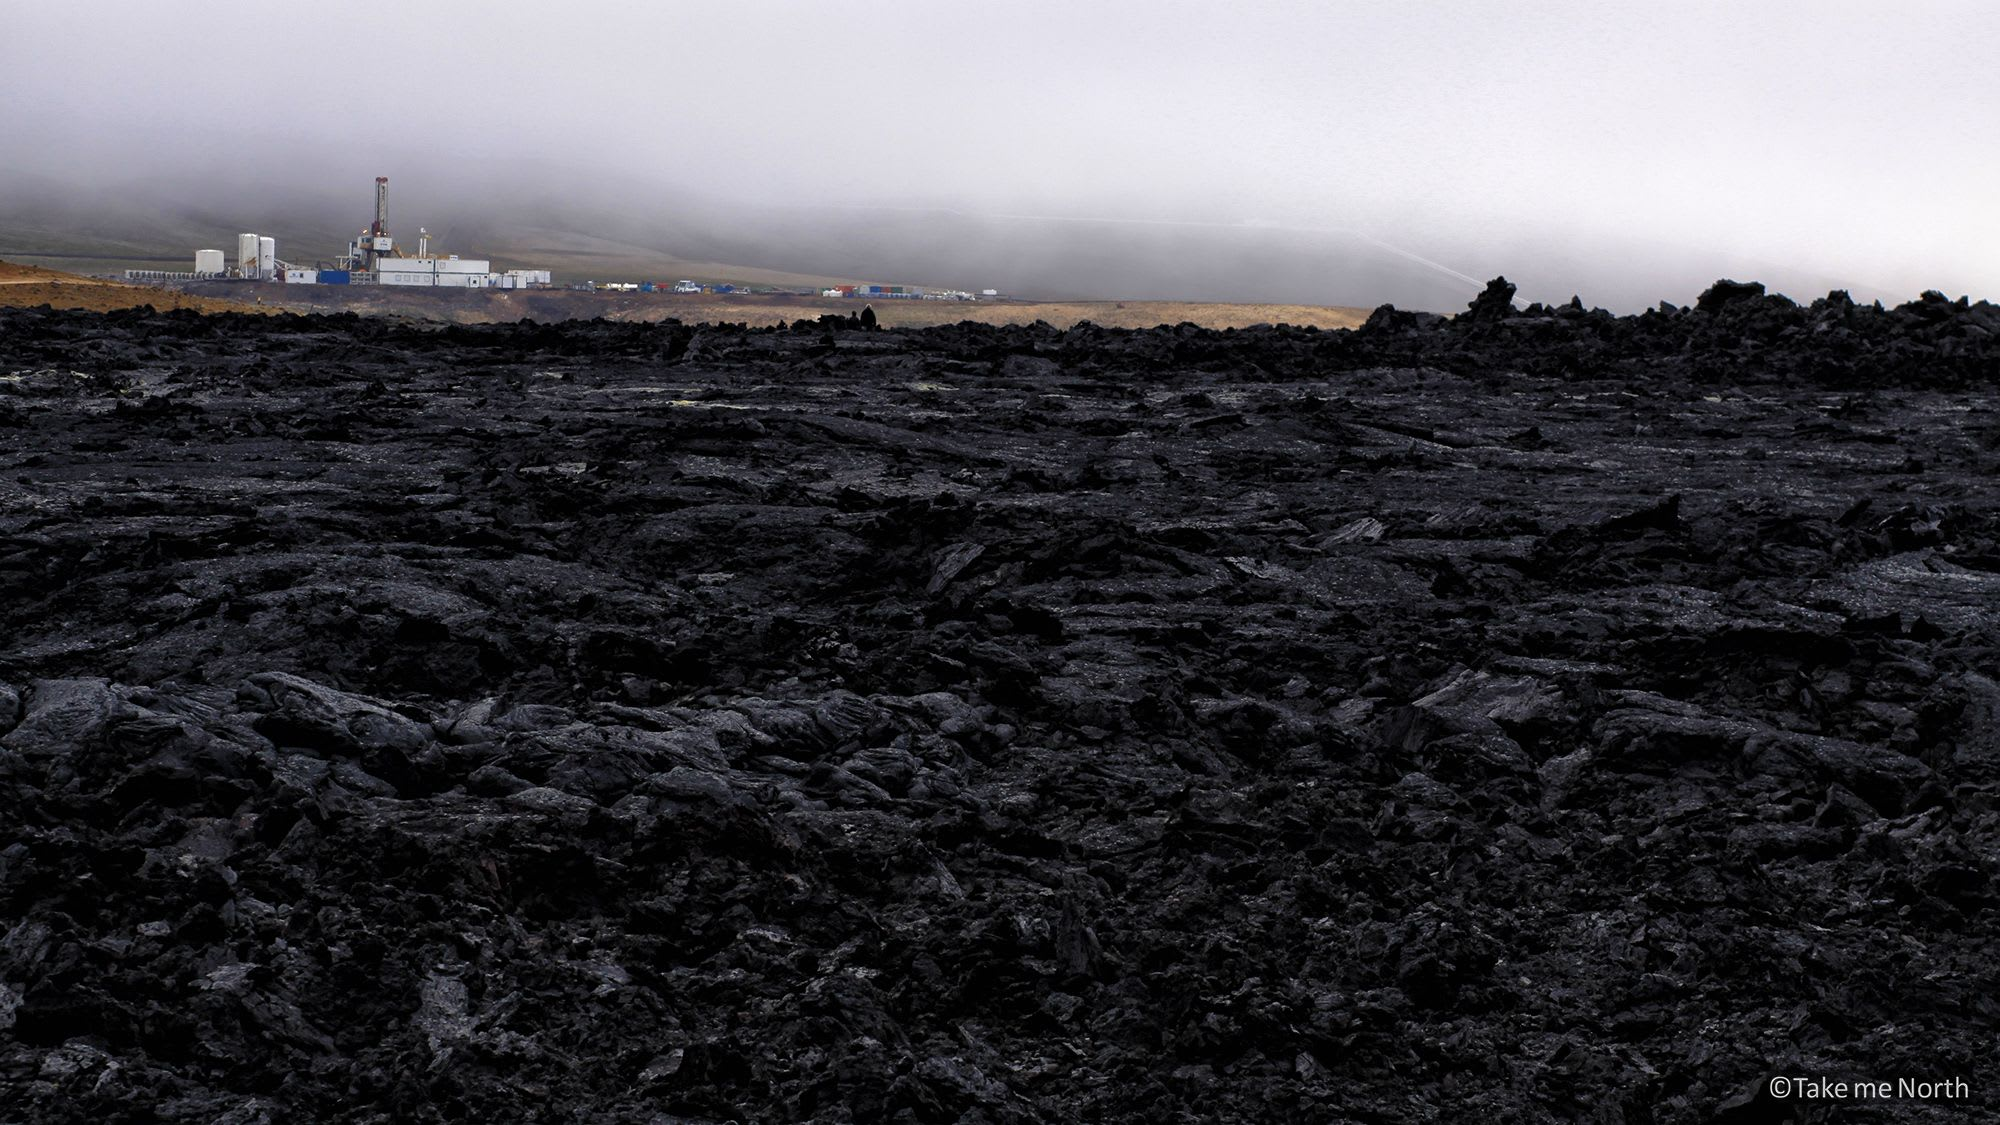 Kröflustod drilling site between lava fields